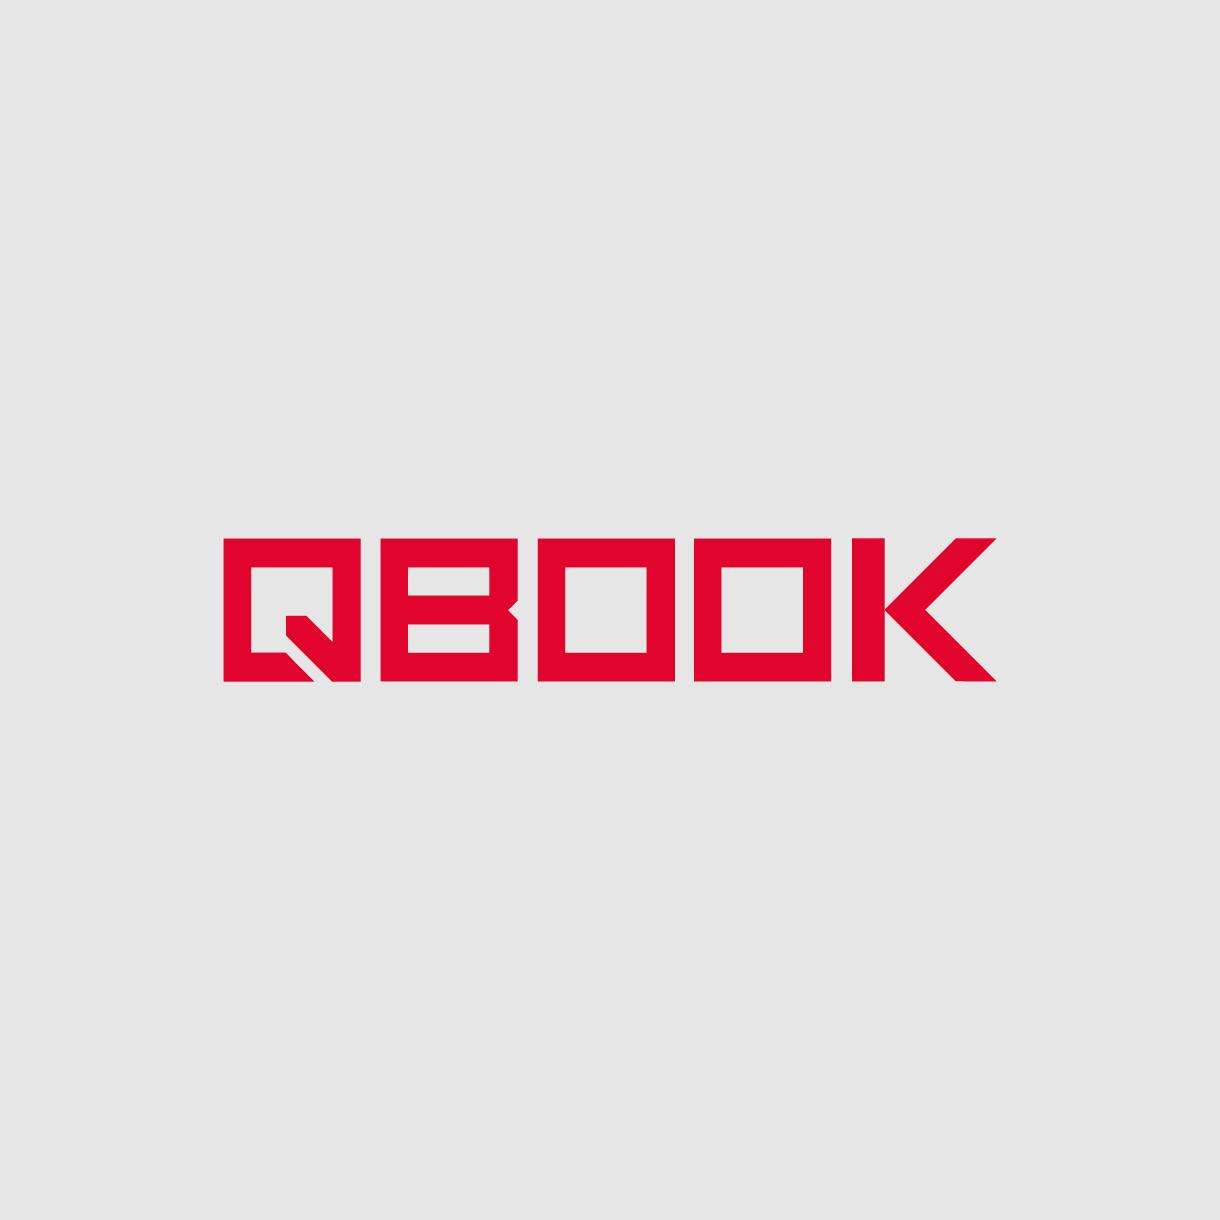 Qbook - logo